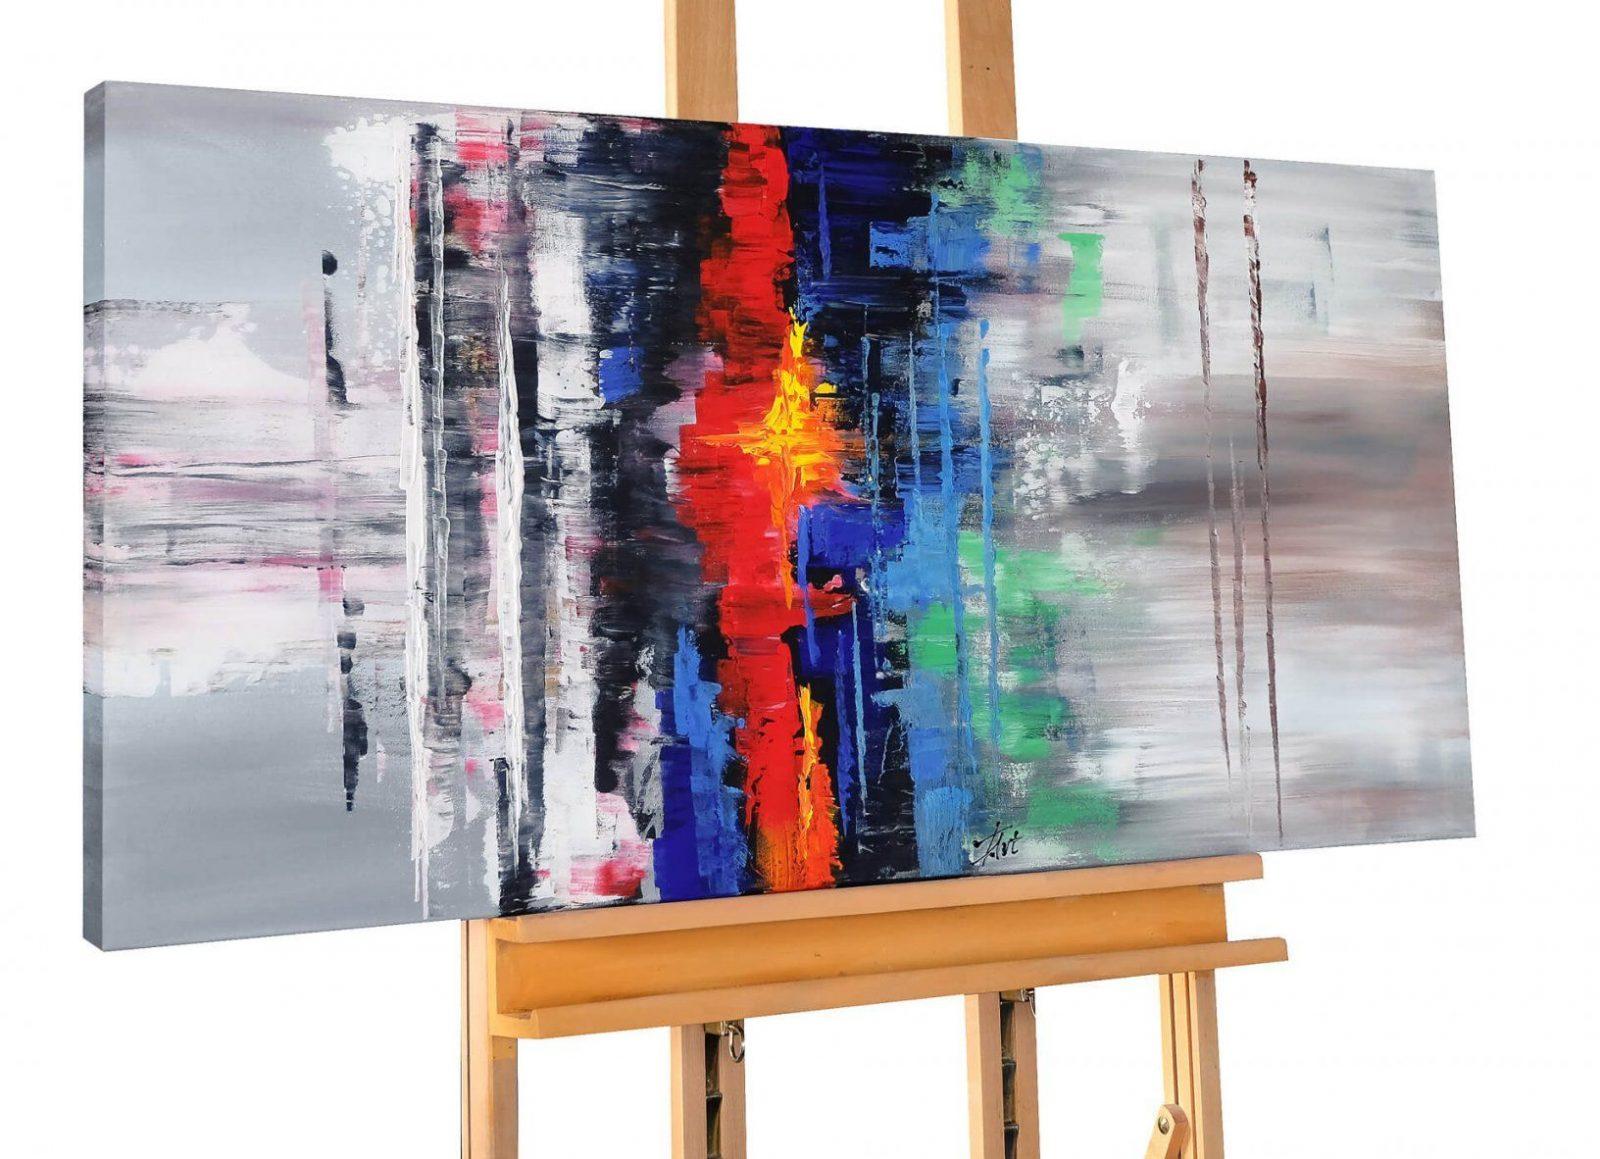 Xxl Acrylbild Grau Bunt Abstrakt Kaufen  Kunstloft von Handgemalte Bilder Auf Leinwand Abstrakt Bild